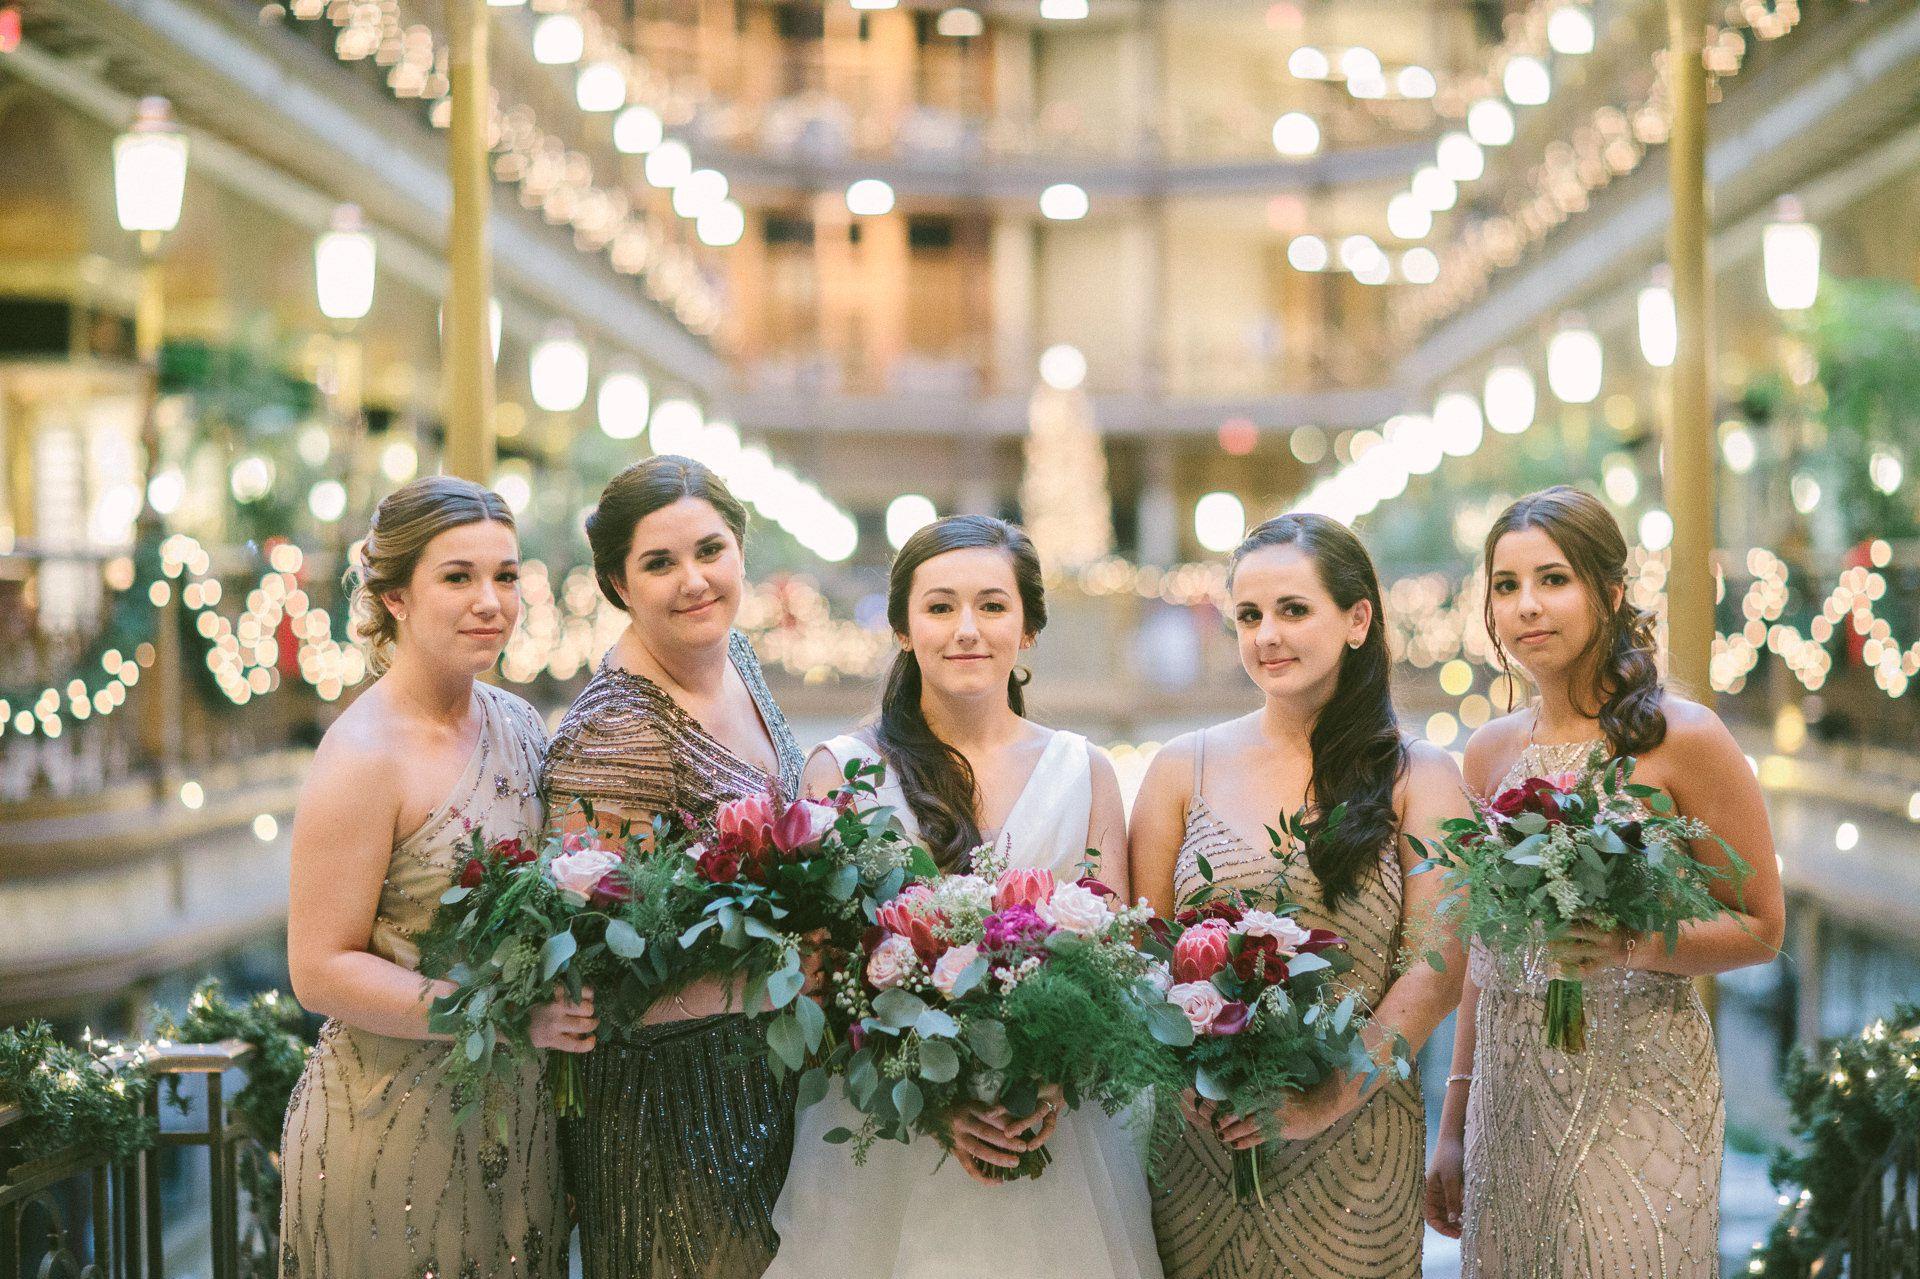 Hyatt Old Arcade Wedding Photographer in Cleveland 1 41.jpg